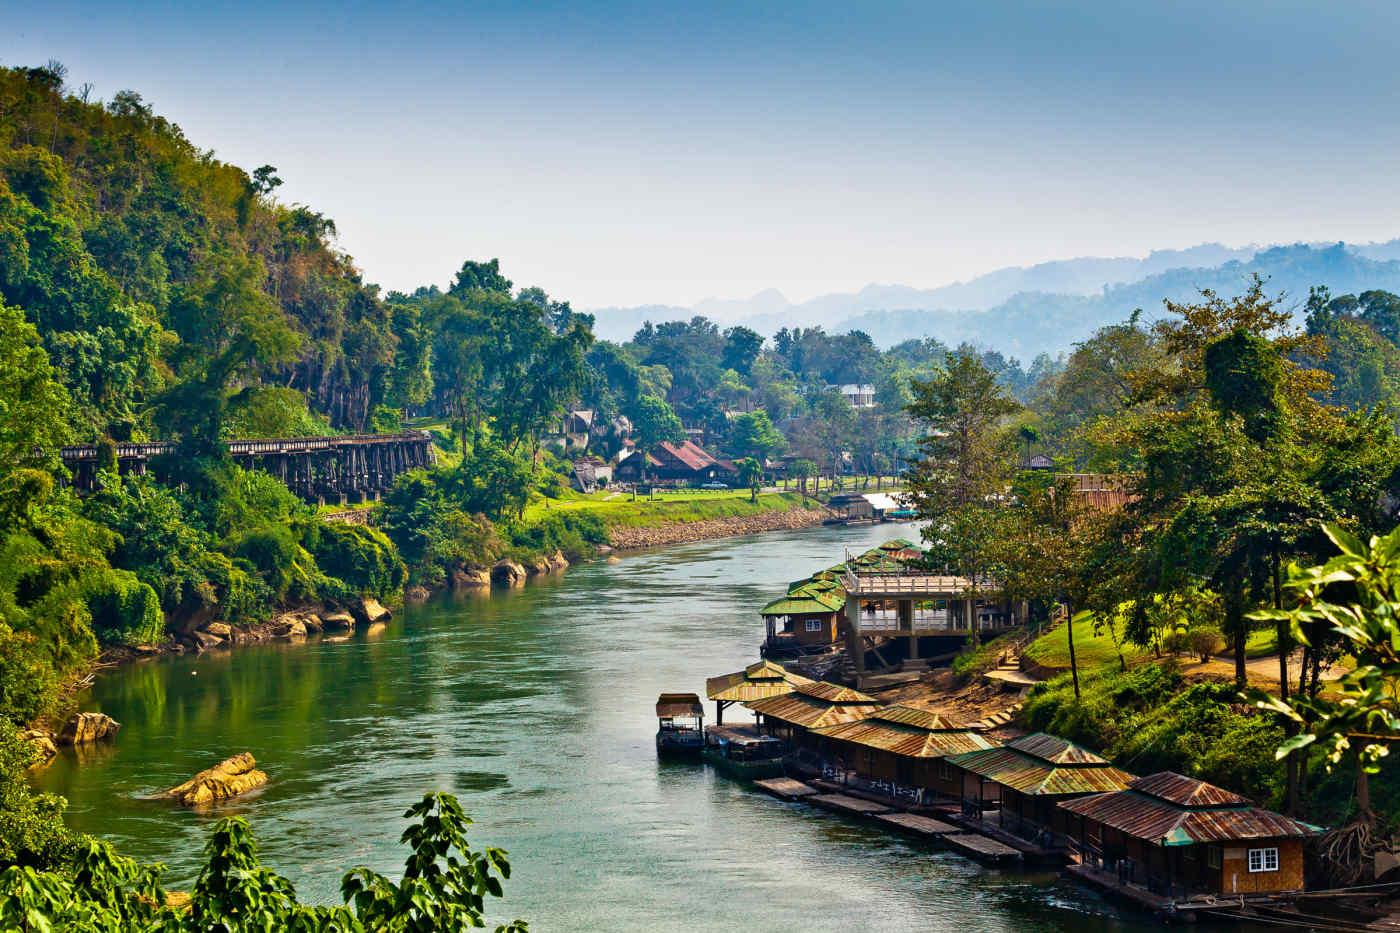 River Kwai, Thailand